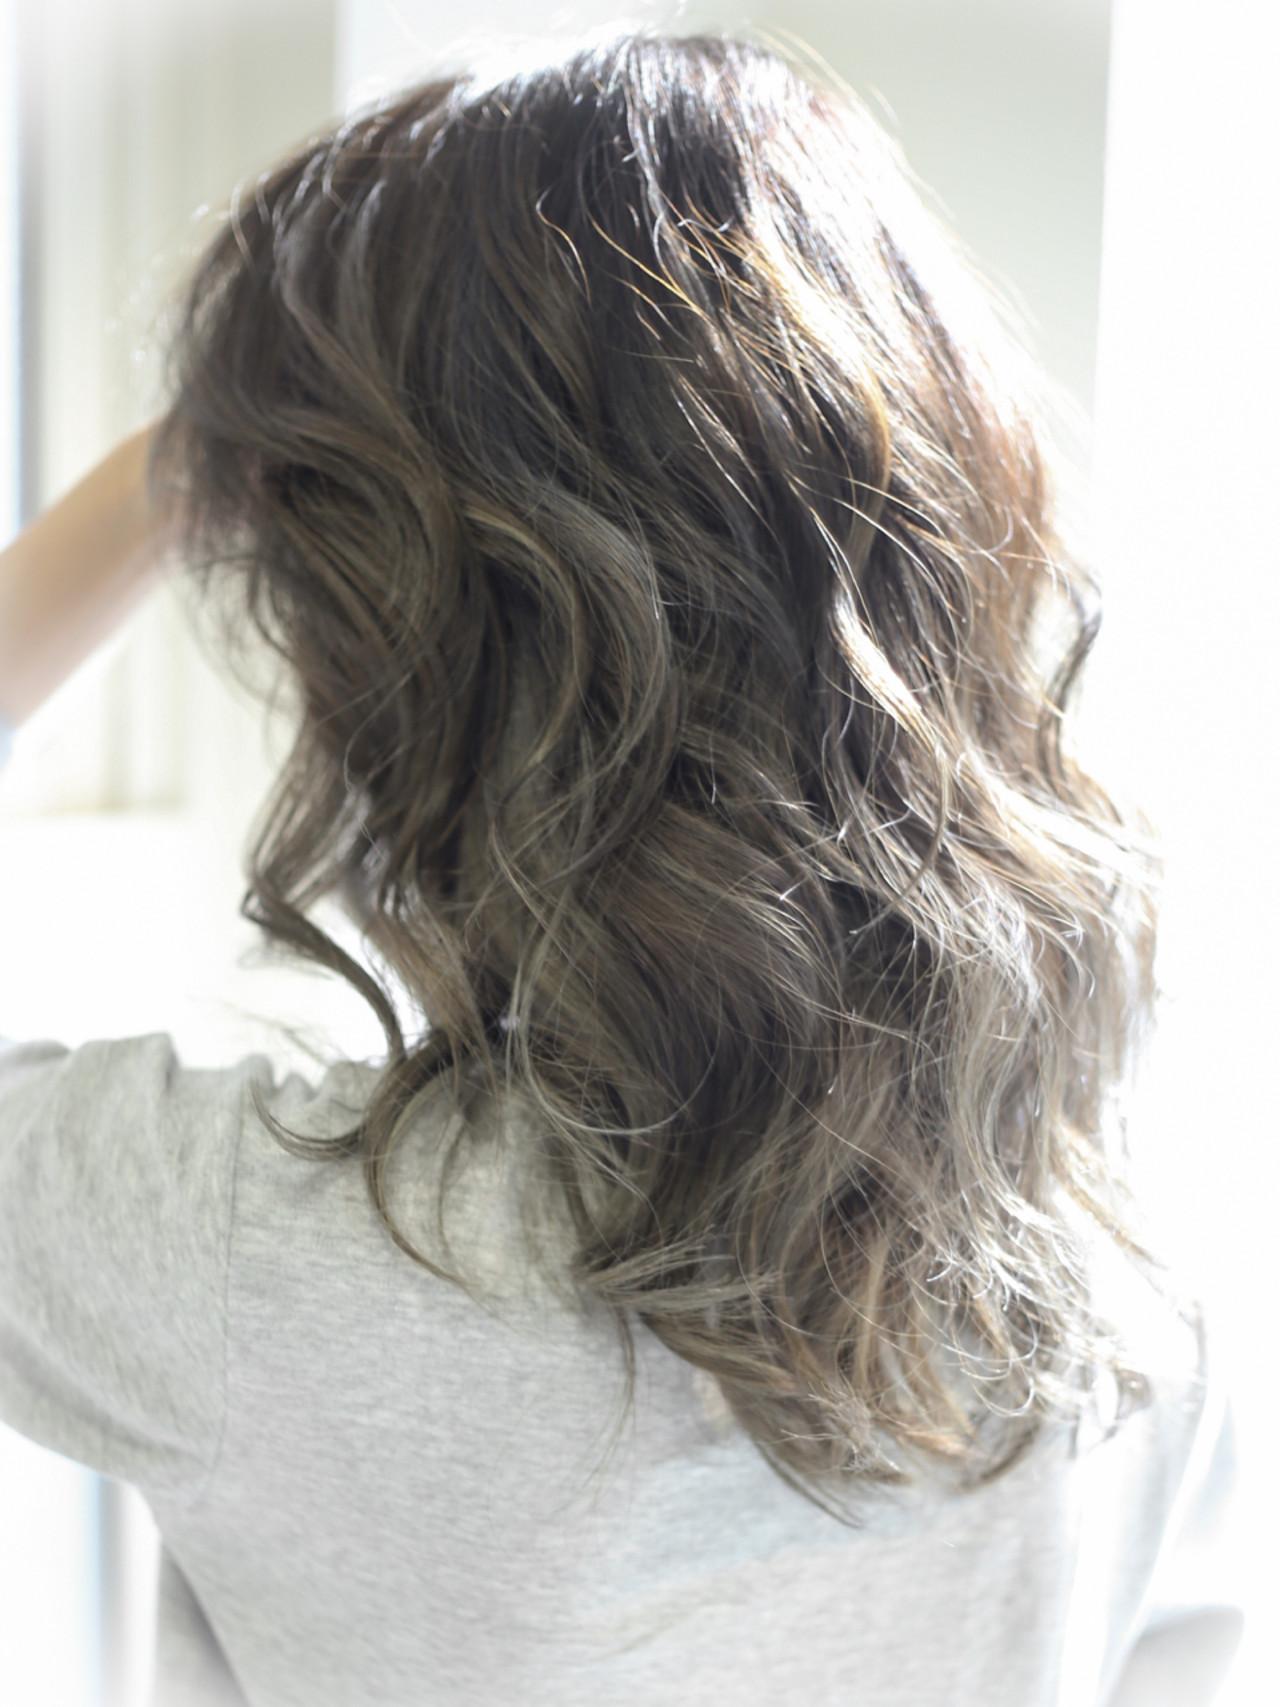 アッシュ ハイライト ローライト ストリート ヘアスタイルや髪型の写真・画像 | 伊藤 裕仁 【 Liv 】 / Liv